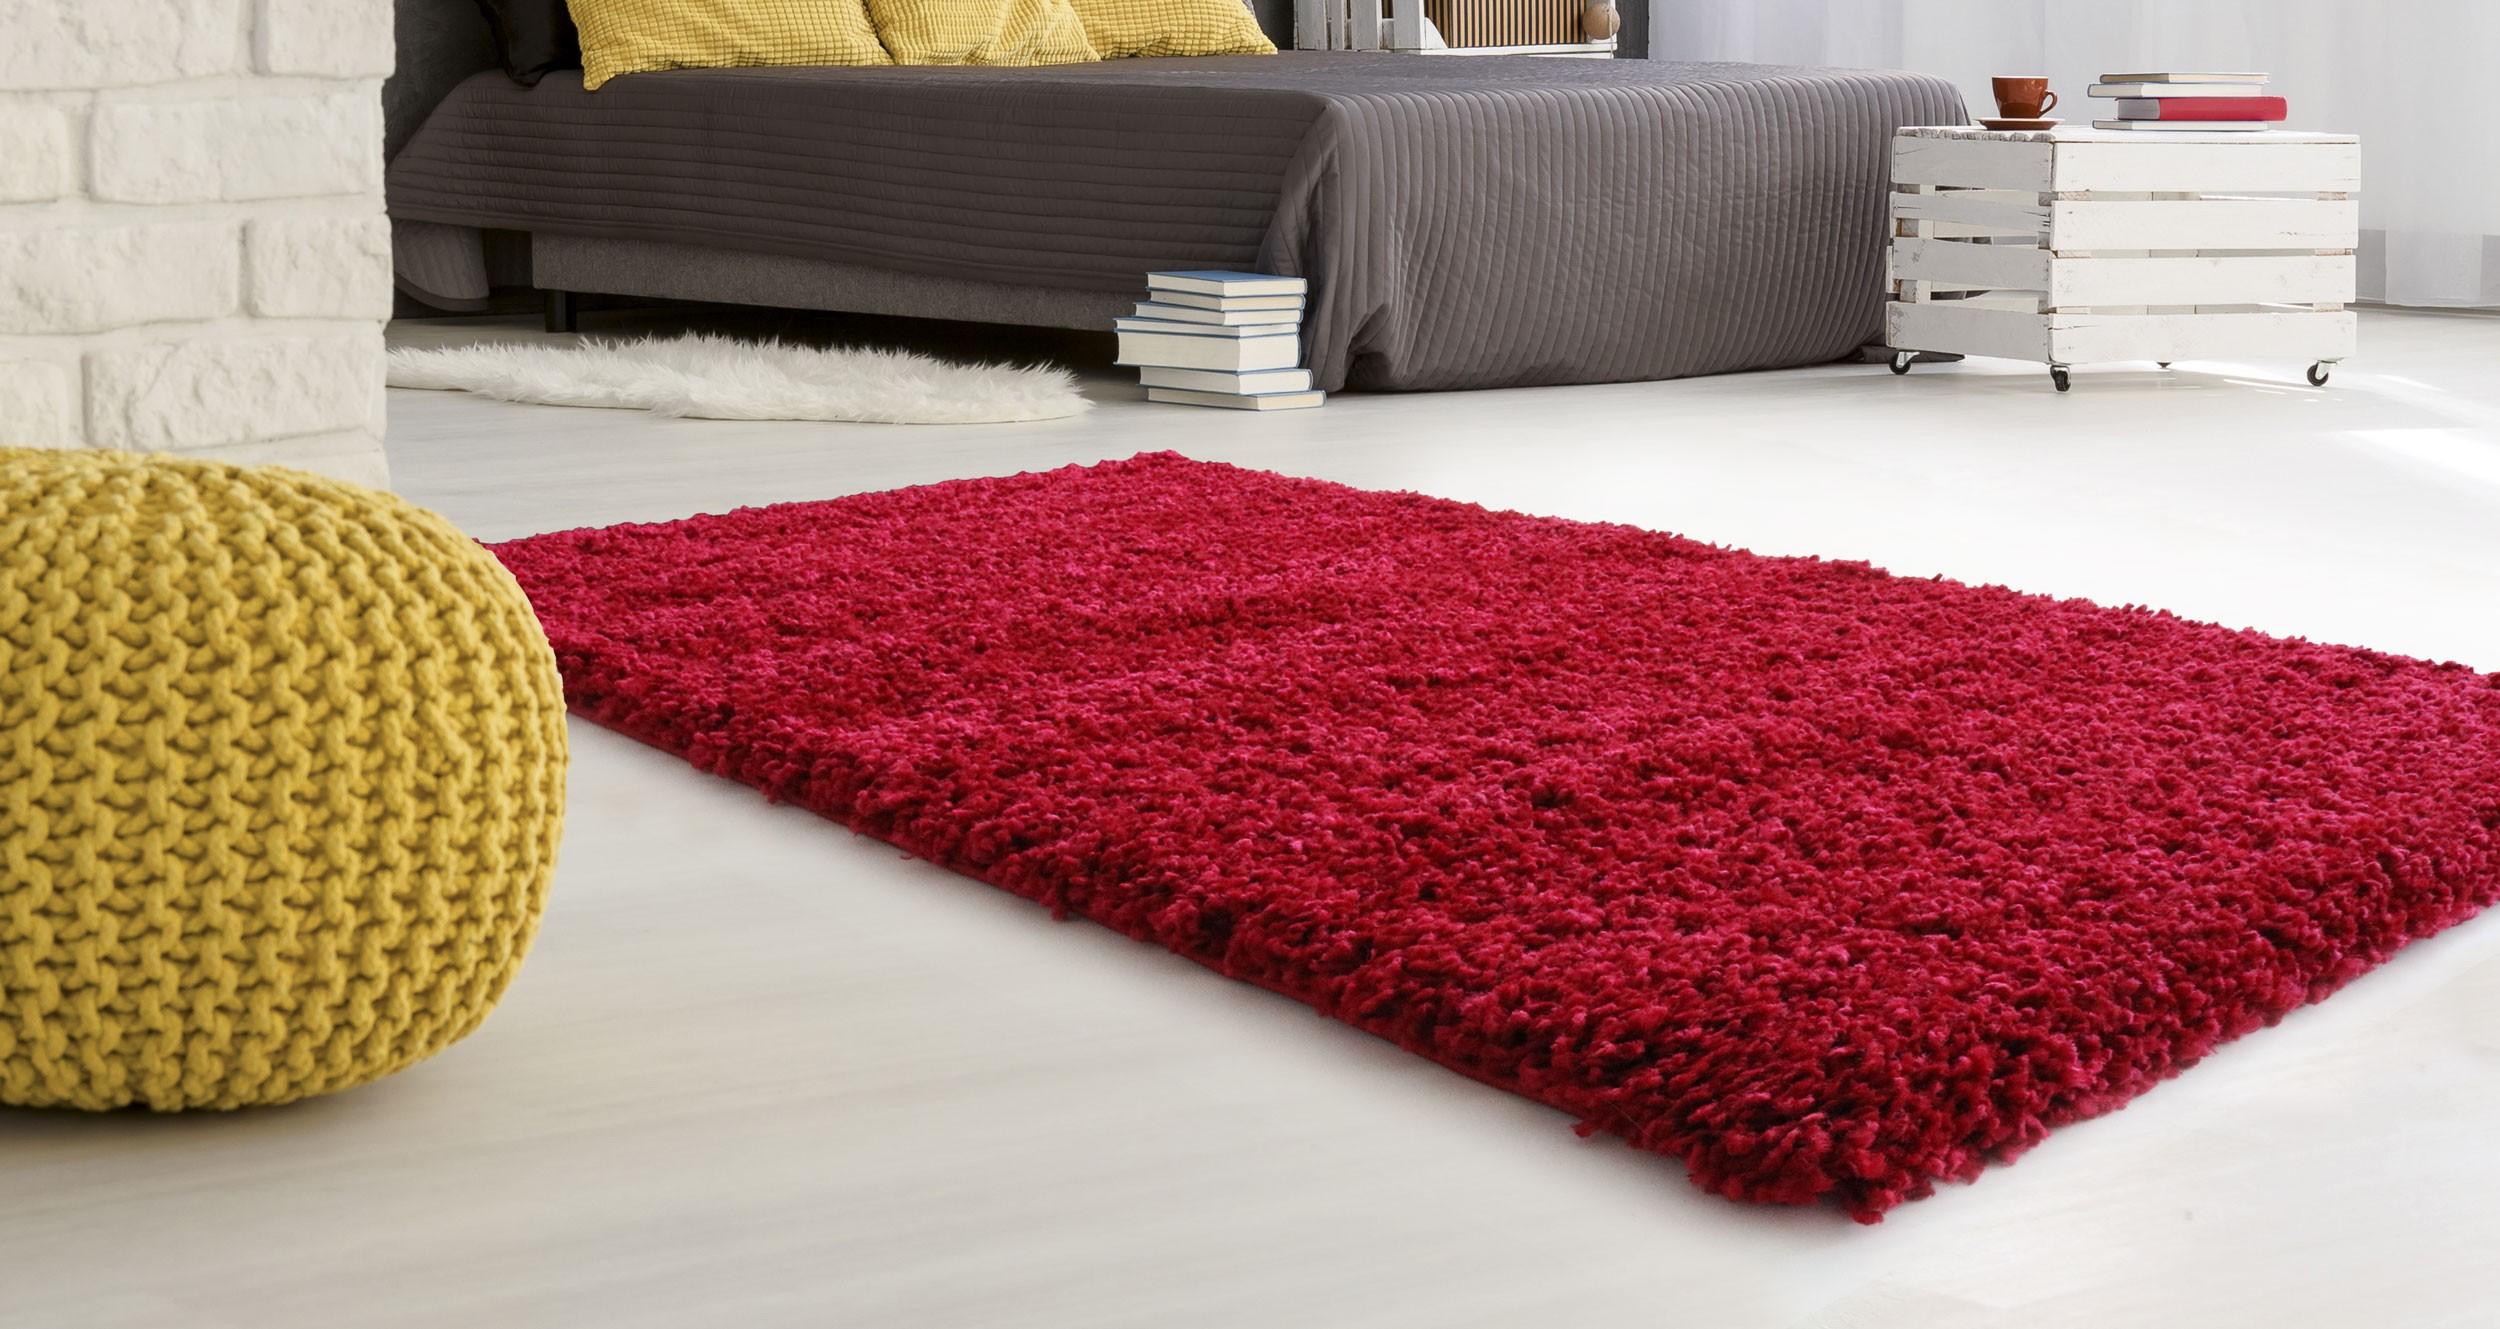 teppich l ufer 160 x 230 rot h c m bel. Black Bedroom Furniture Sets. Home Design Ideas